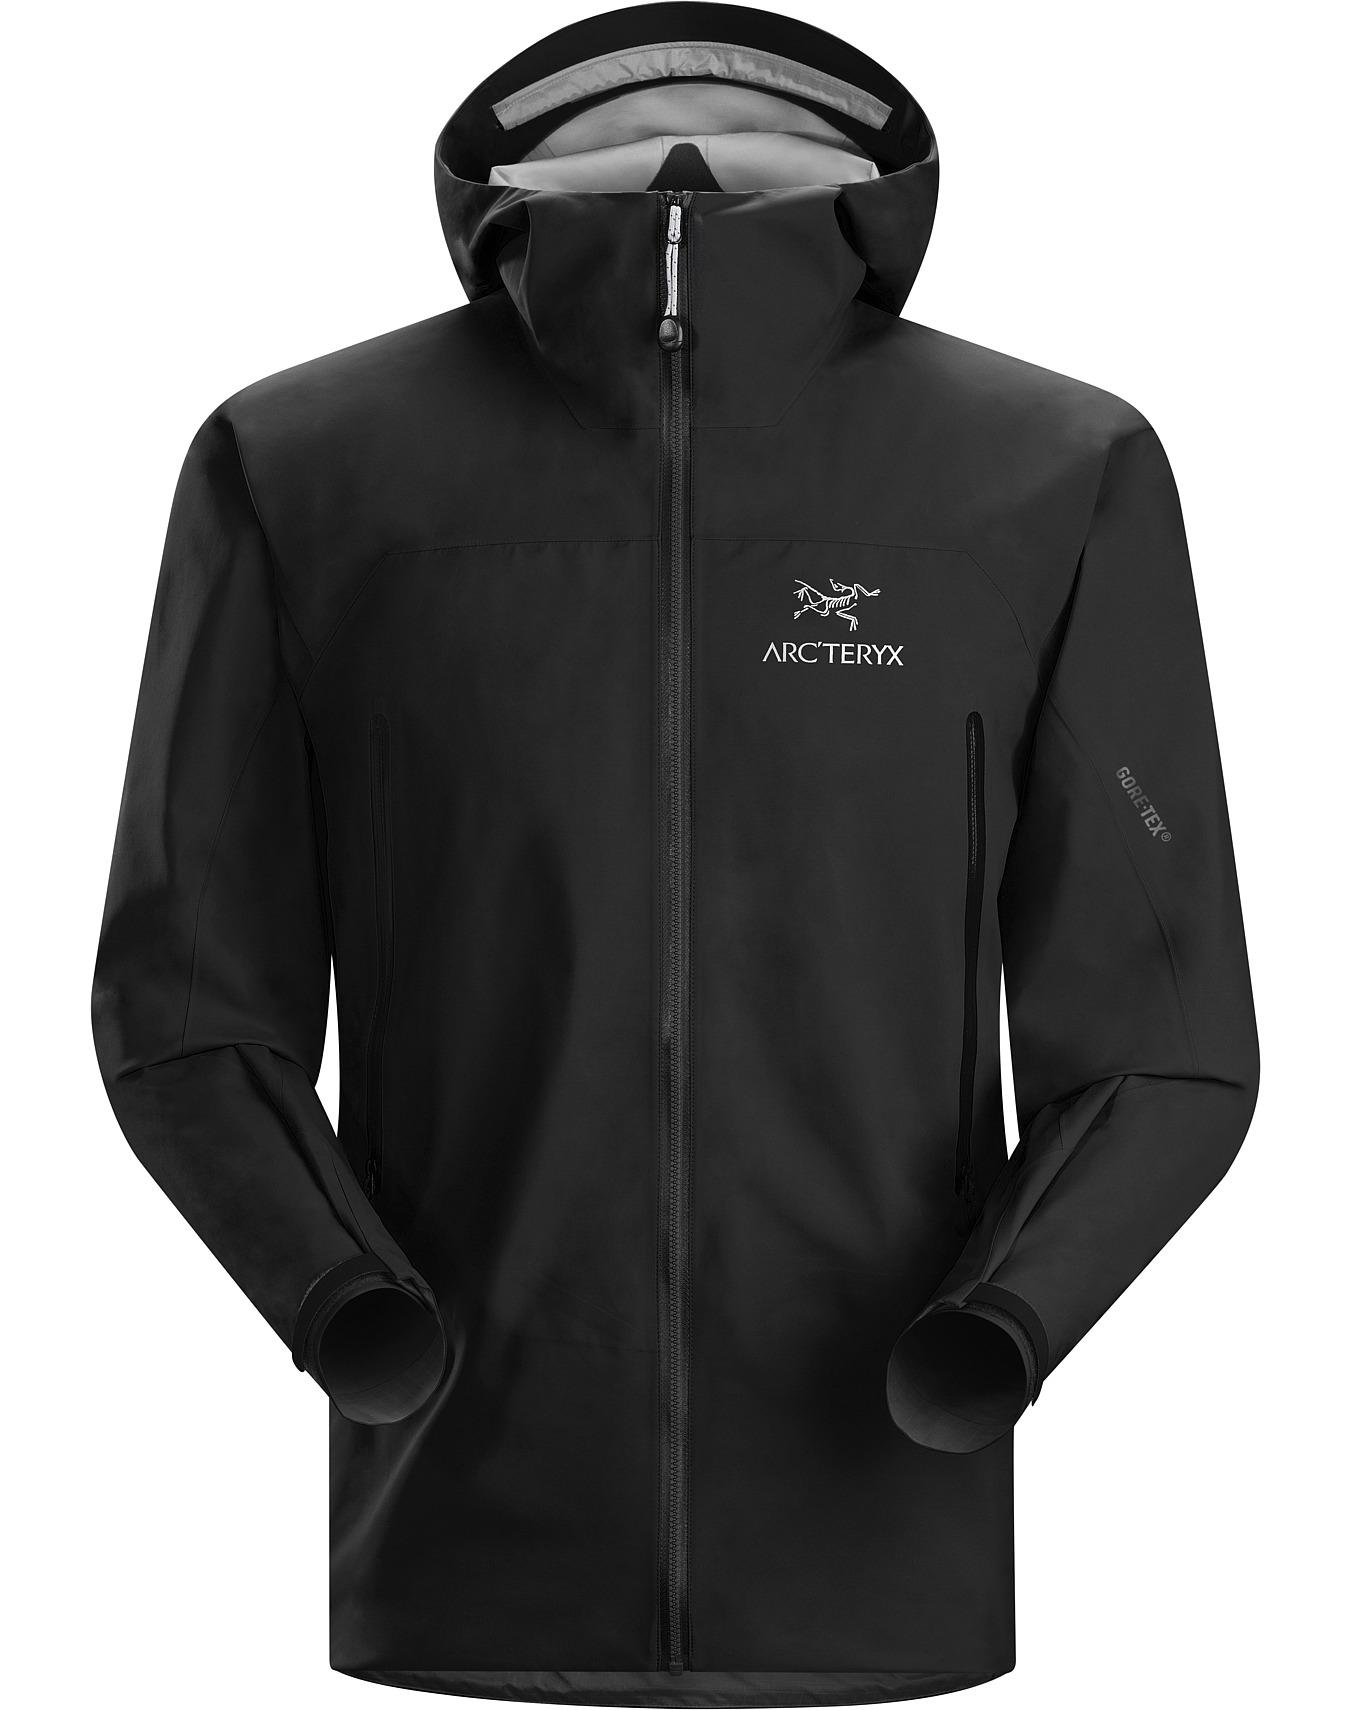 Zeta-AR-Jacket-Black.jpg